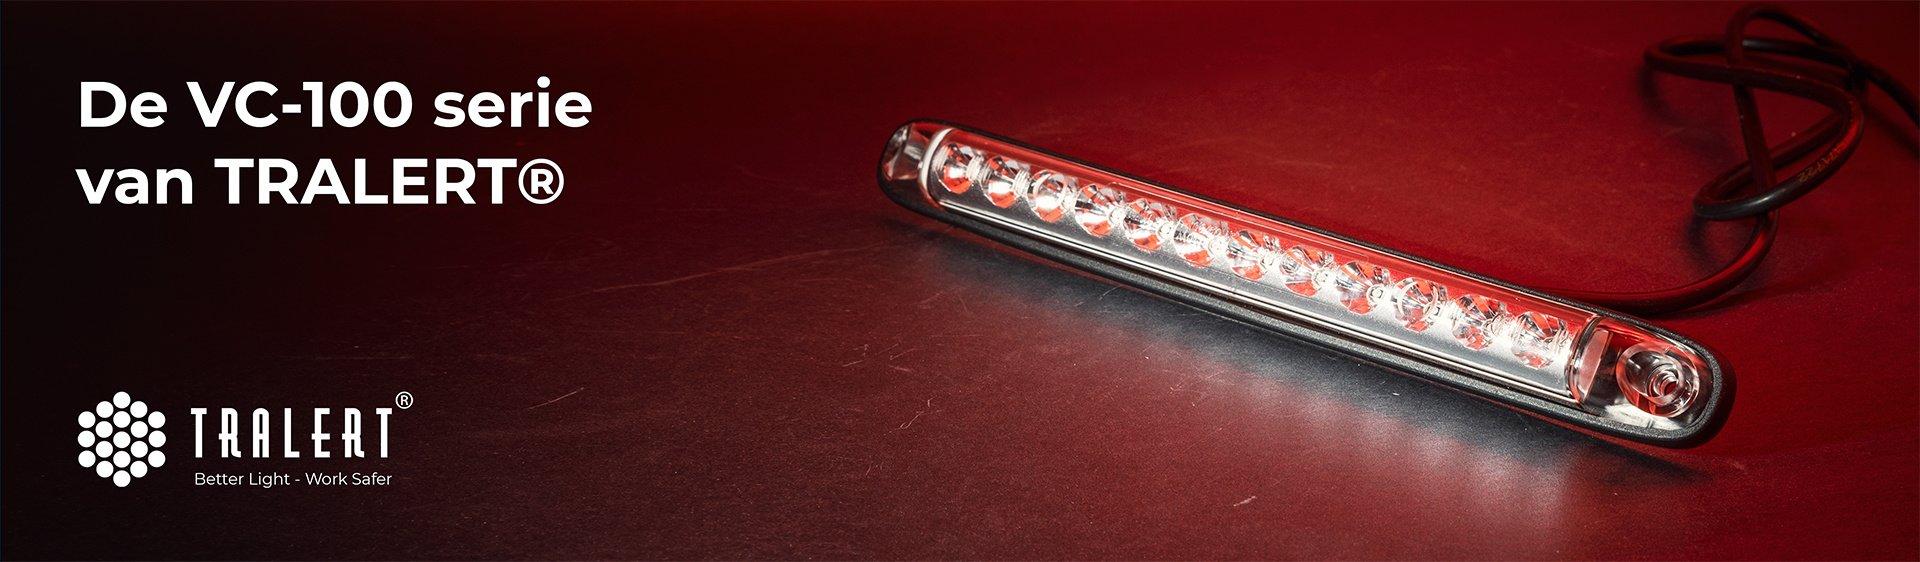 Tralert VC-100 serie LED achterlicht